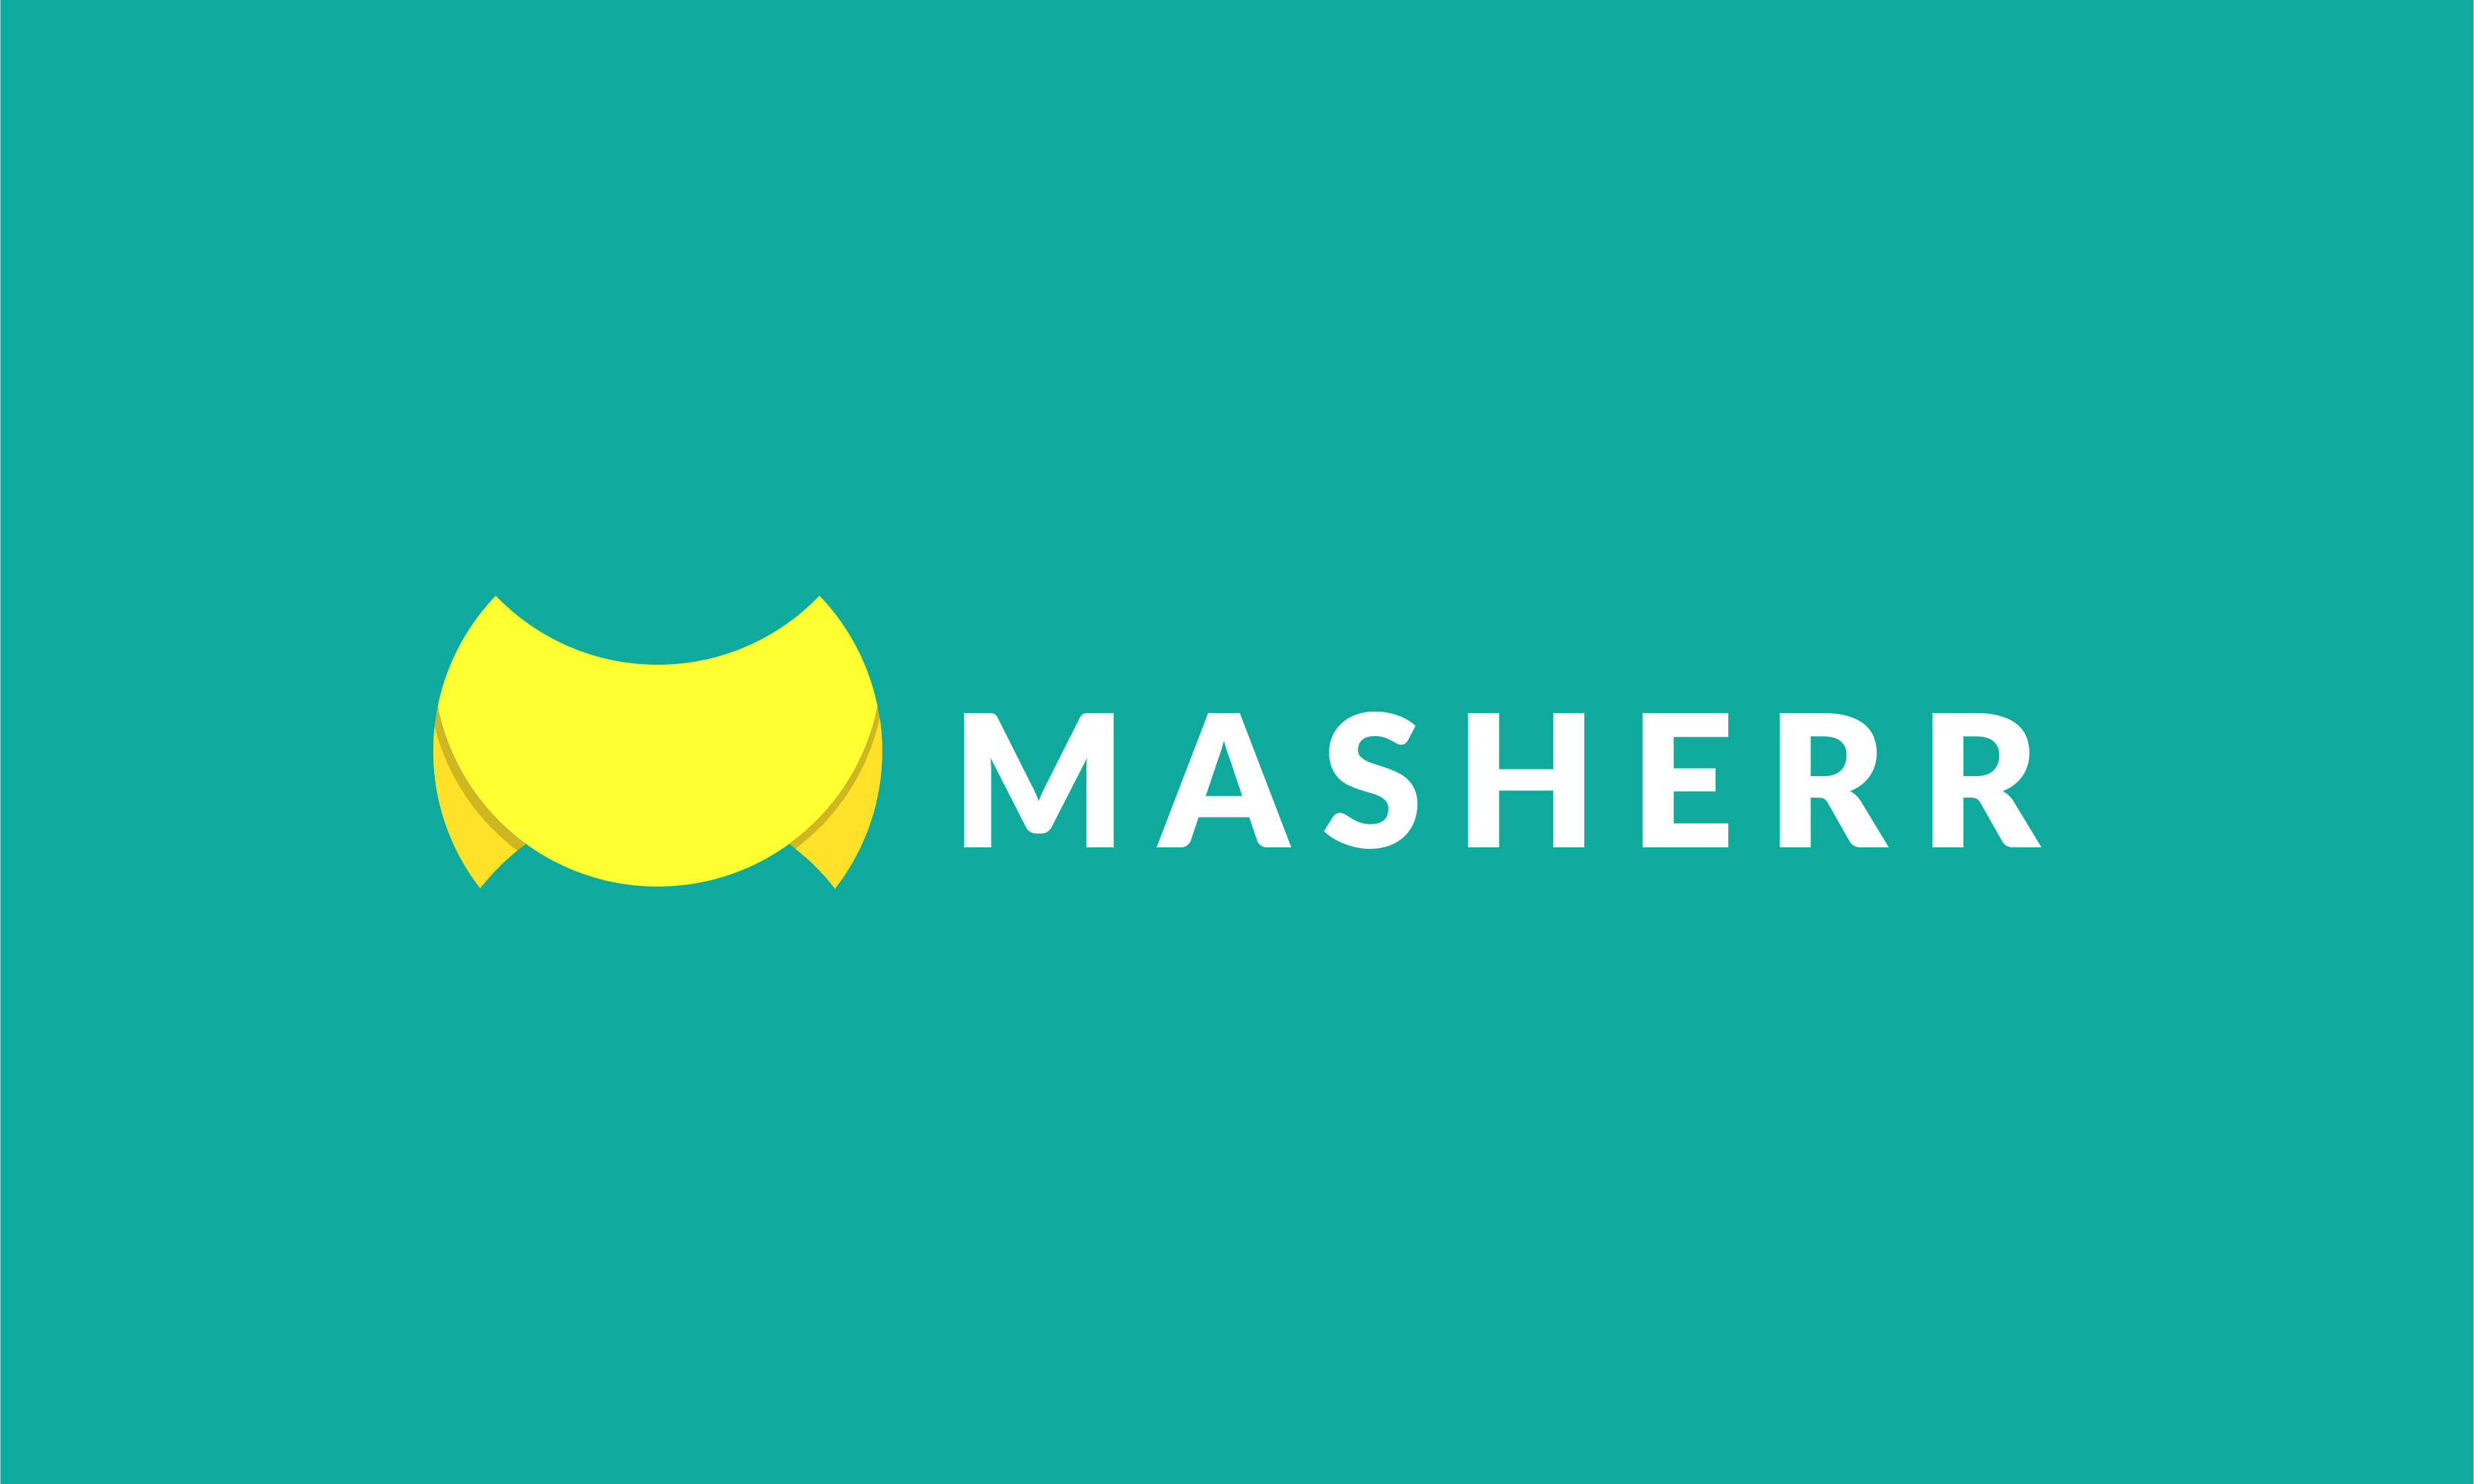 Masherr